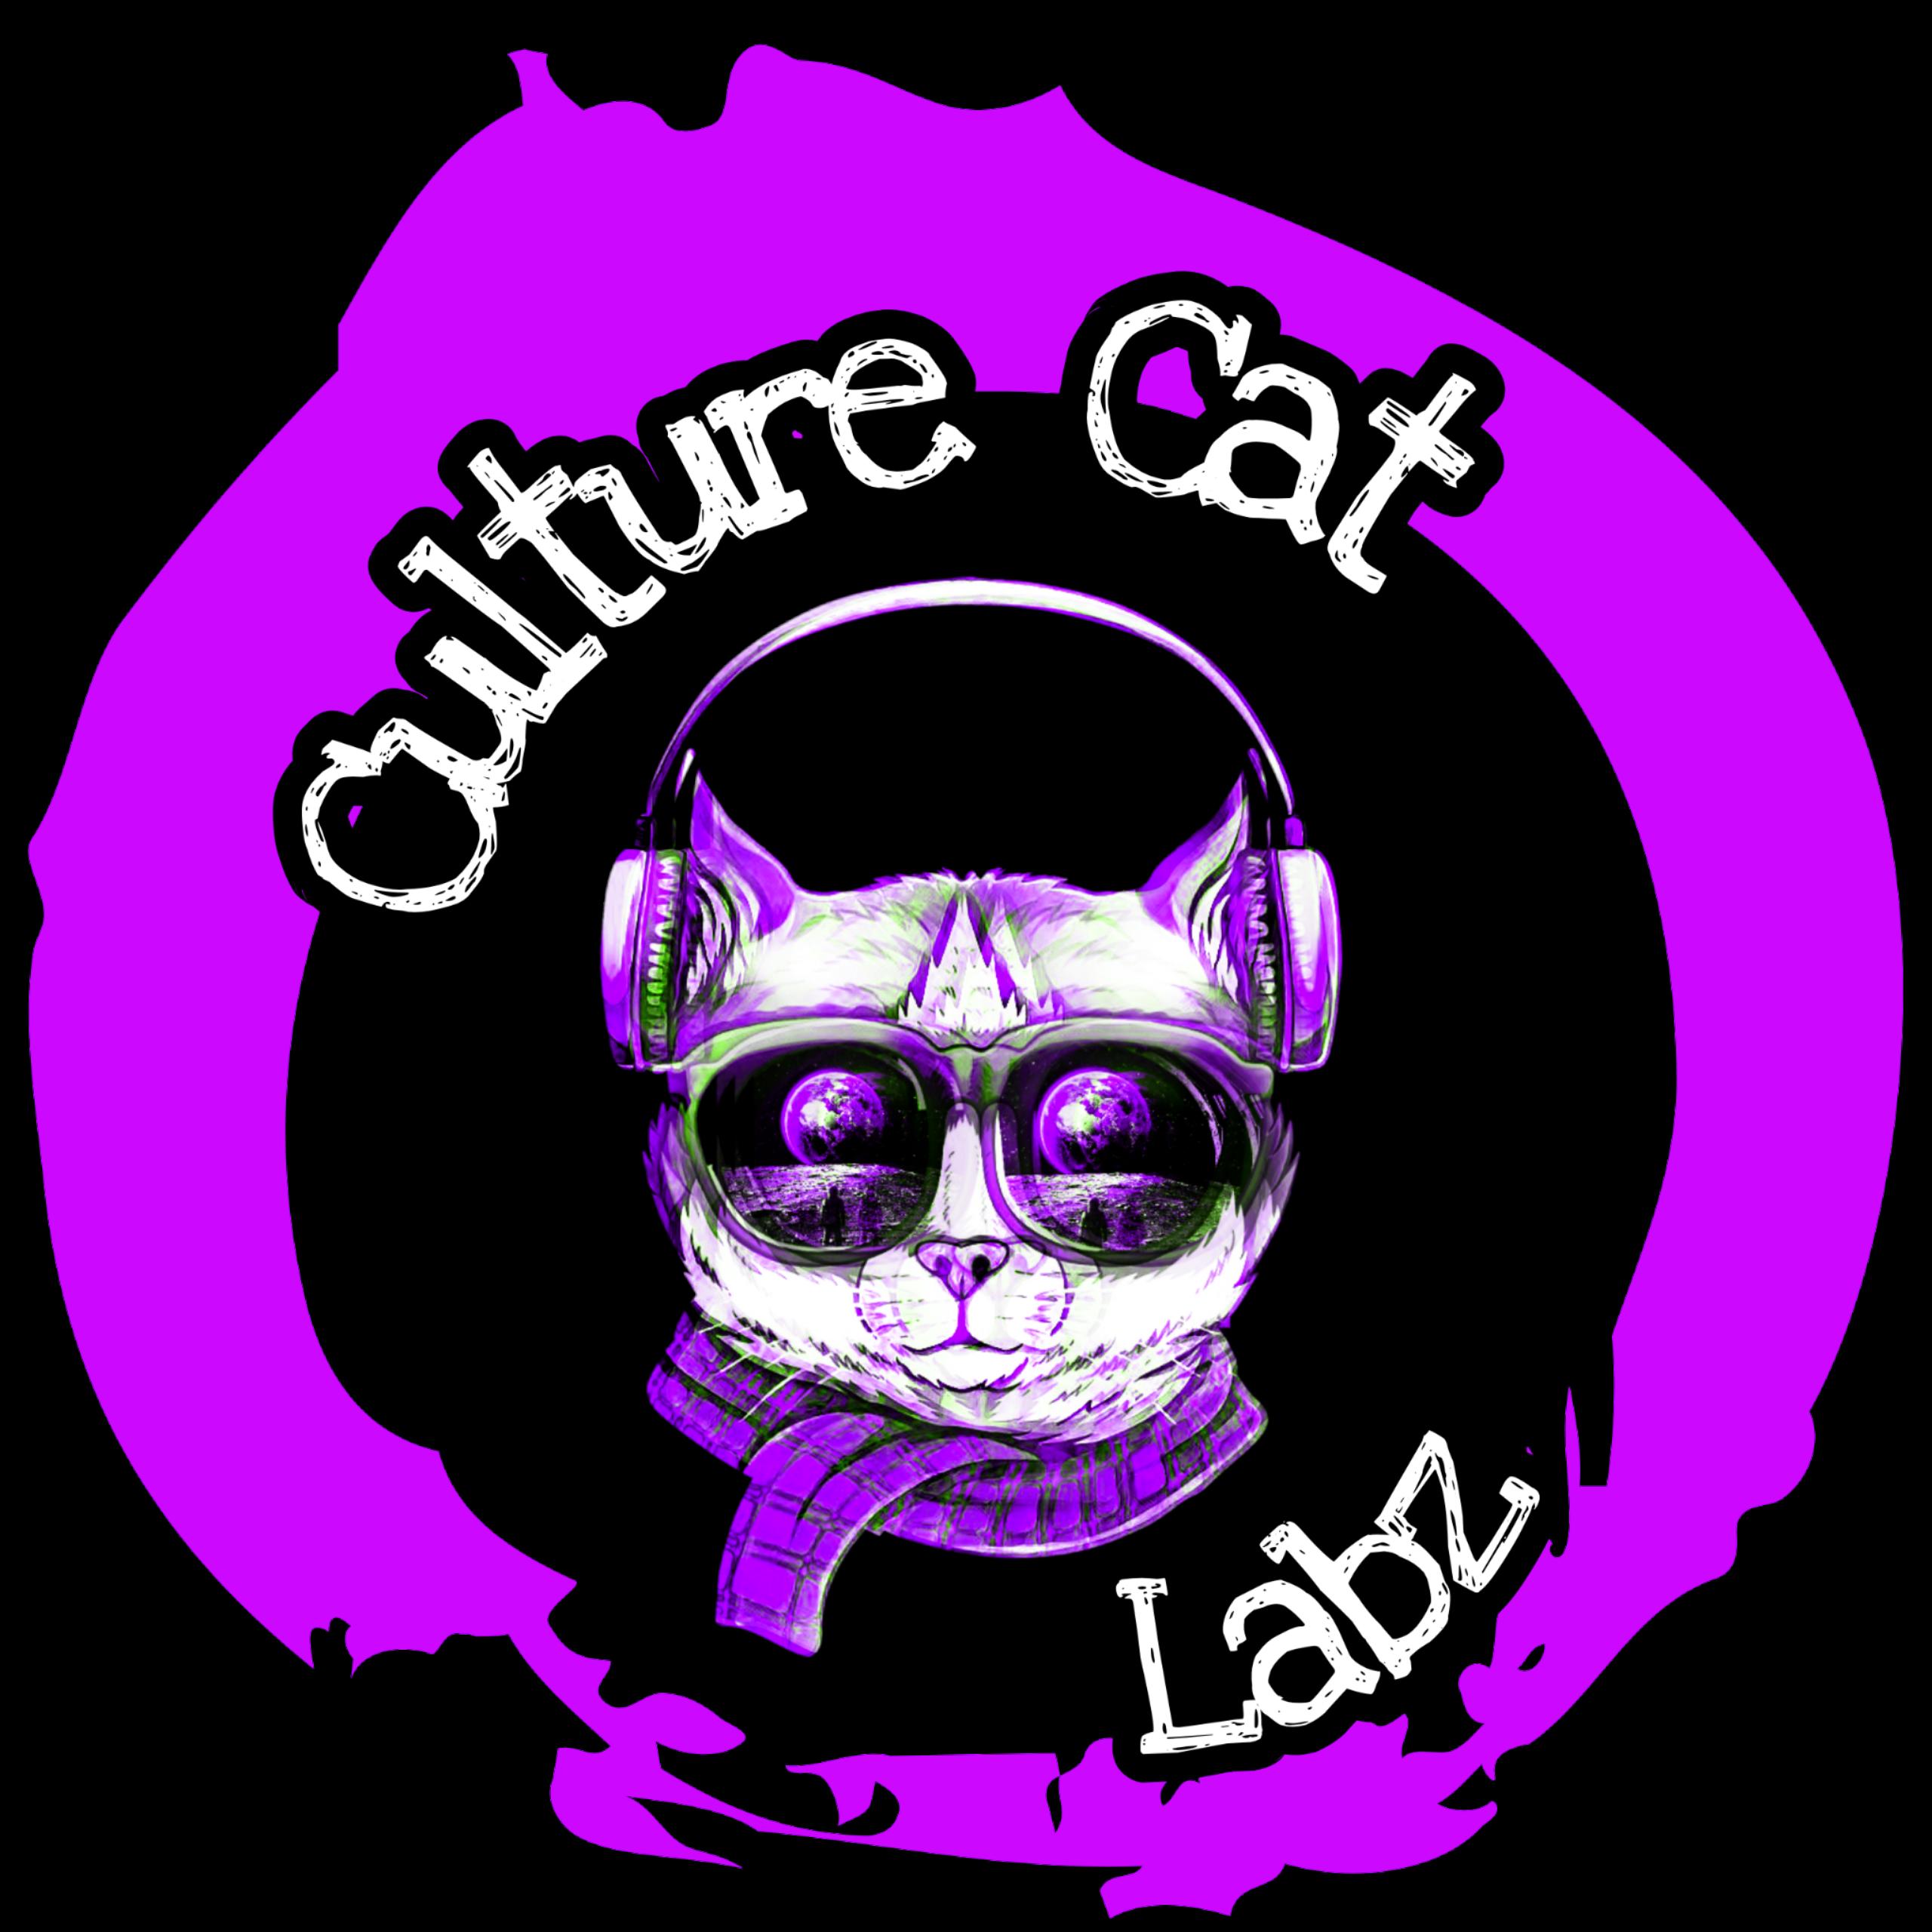 Culture Cat Labz